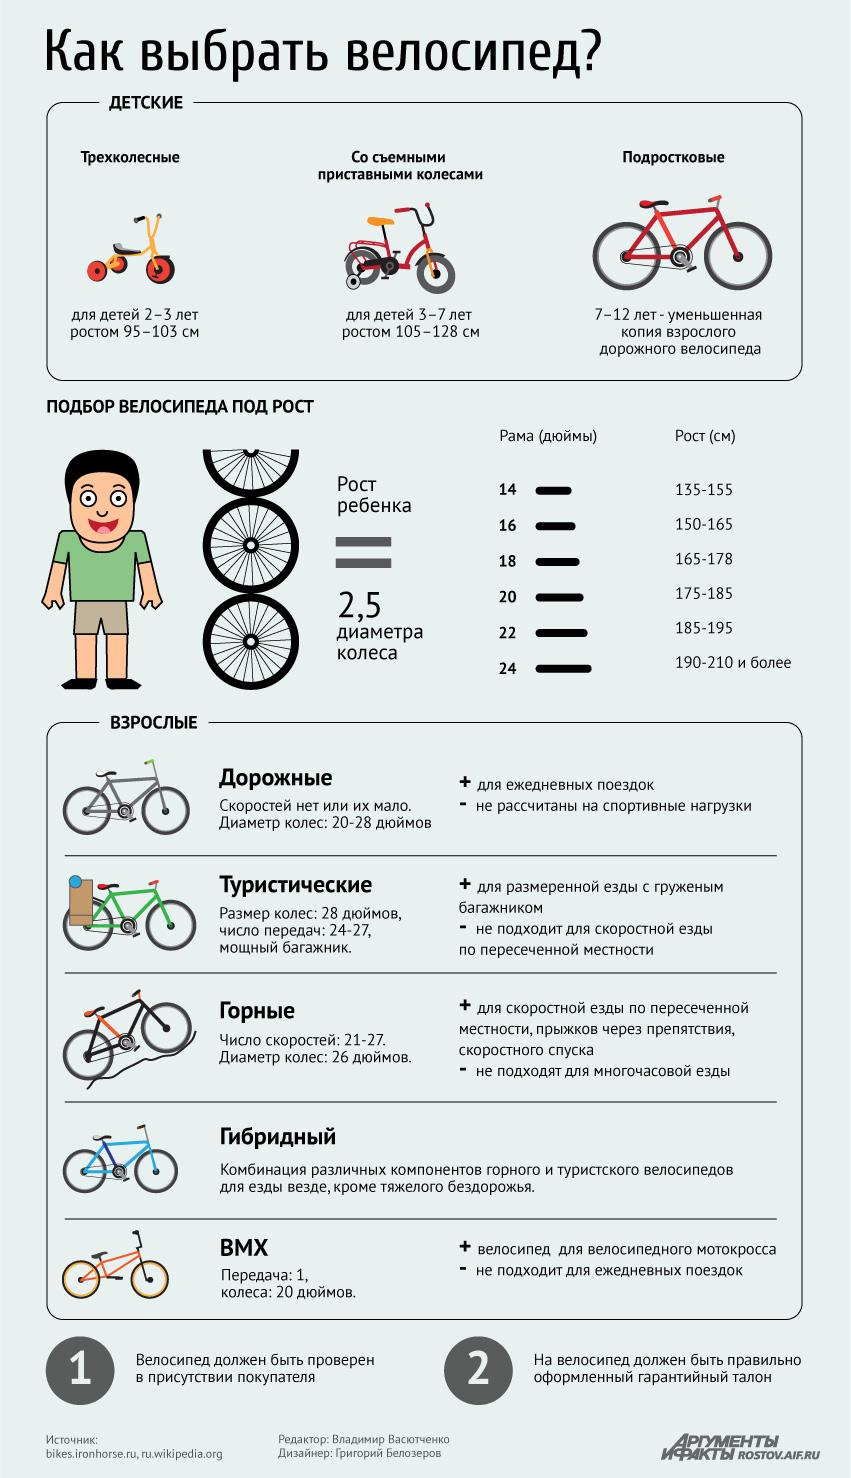 Как выбирать велосипед для девочки?